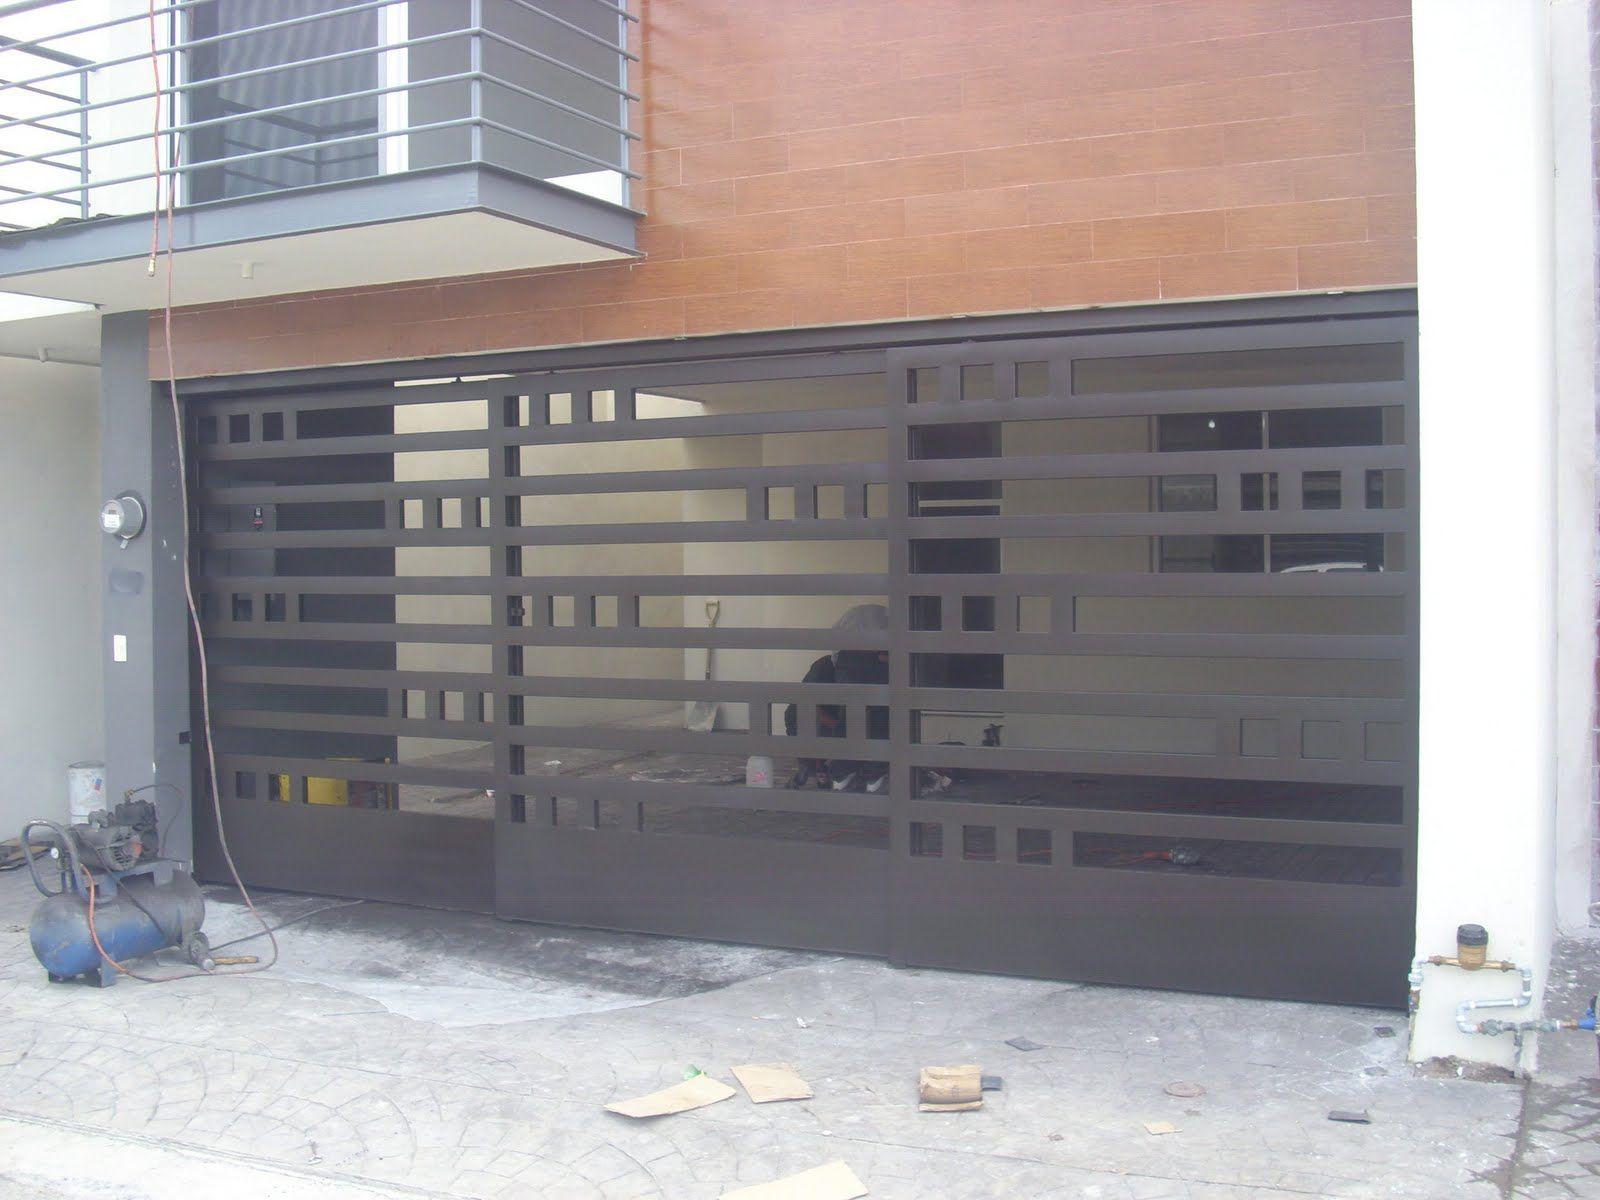 Portones y barandales port n corredizo de tres hojas for Disenos de puertas para casas modernas